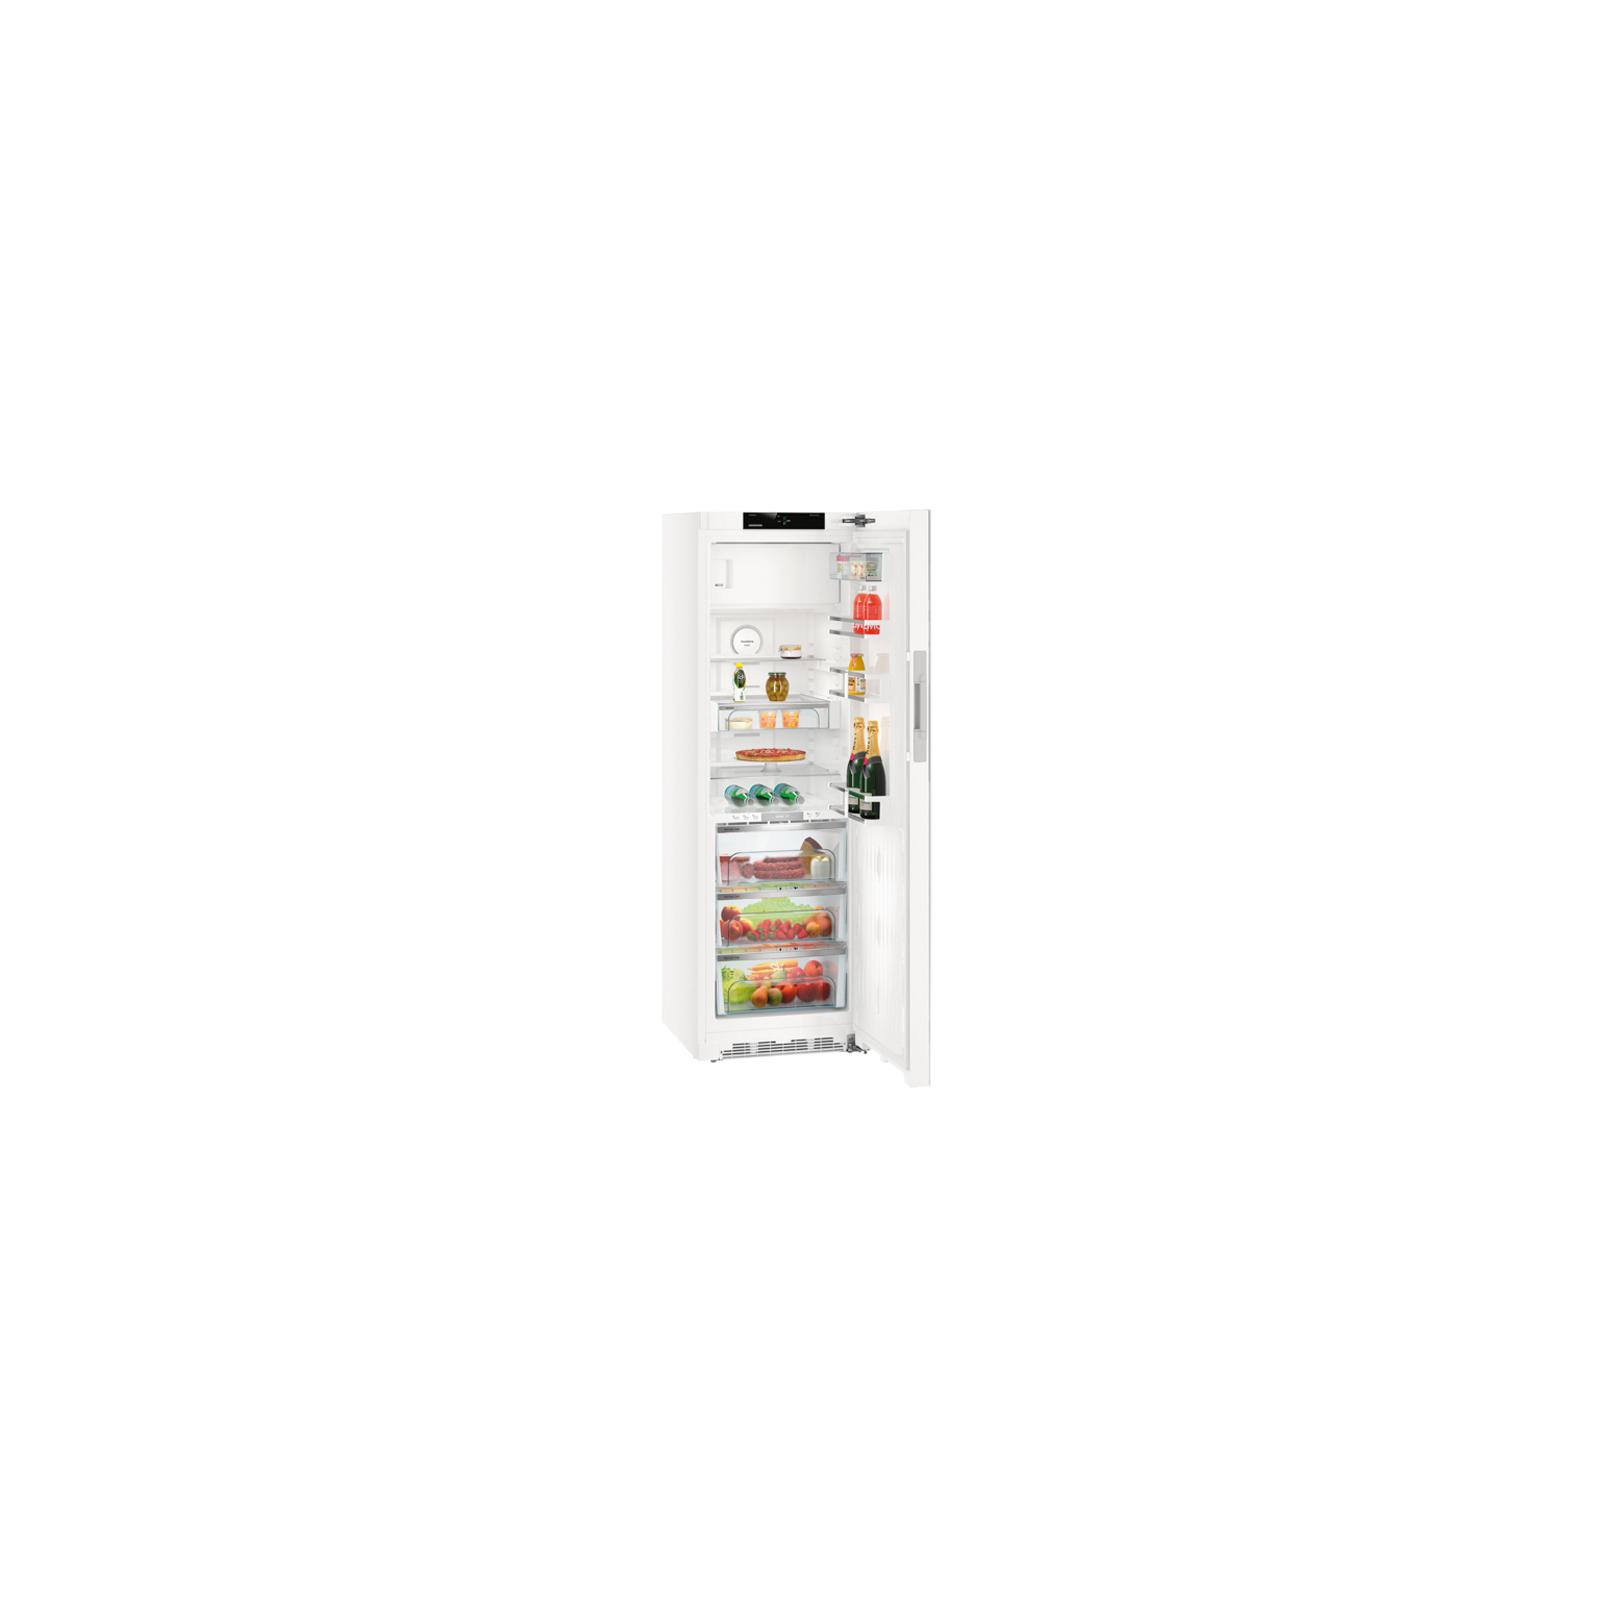 Холодильник Liebherr KBPgw 4354 изображение 4